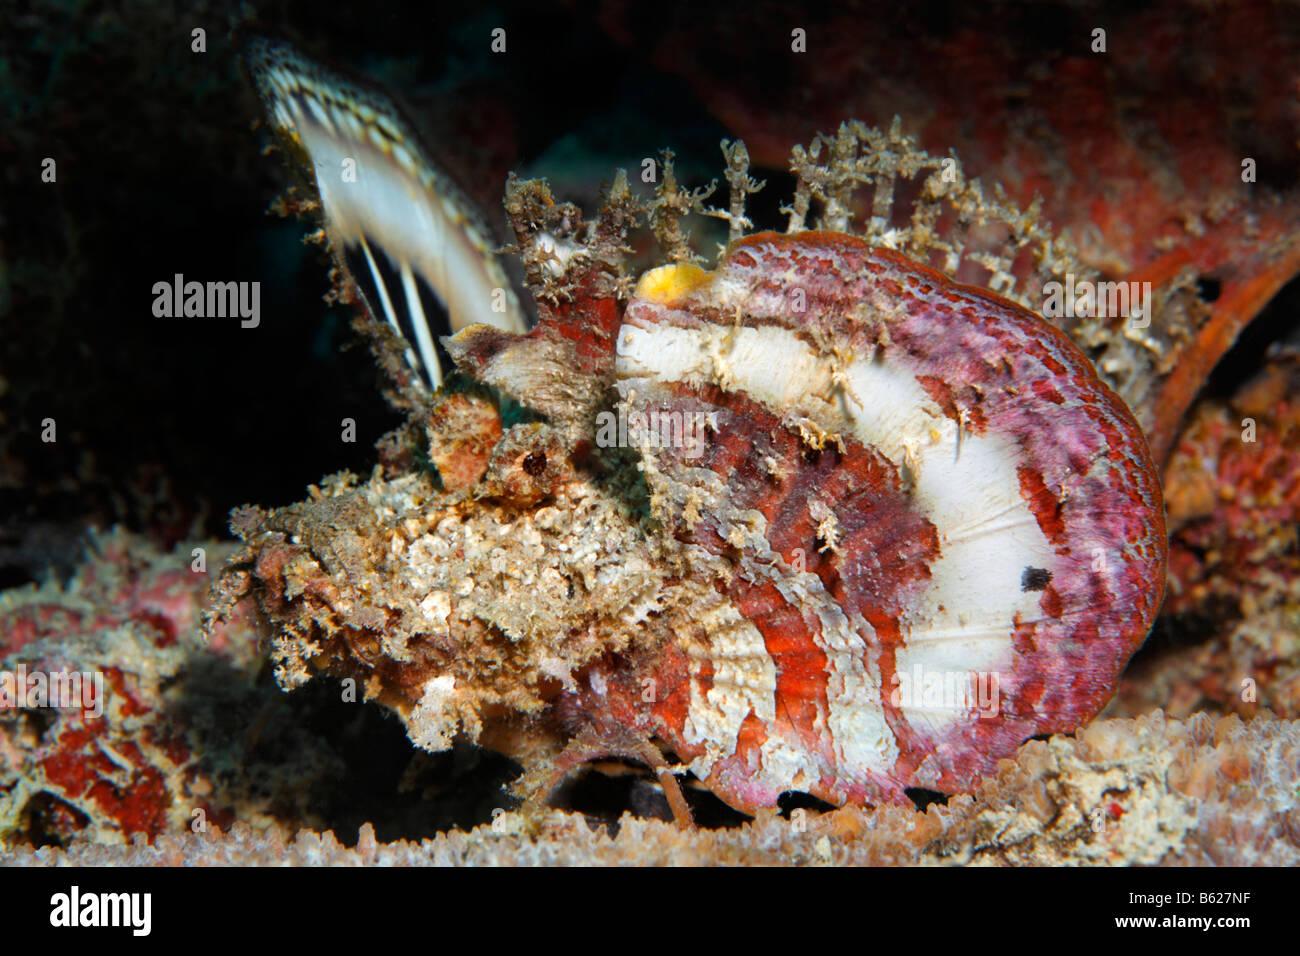 Bärtige Ghul (Inimicus Didactylus), seine Brustflossen als Warnung, zu verbreiten, Selayar Island, West Coast, Stockbild